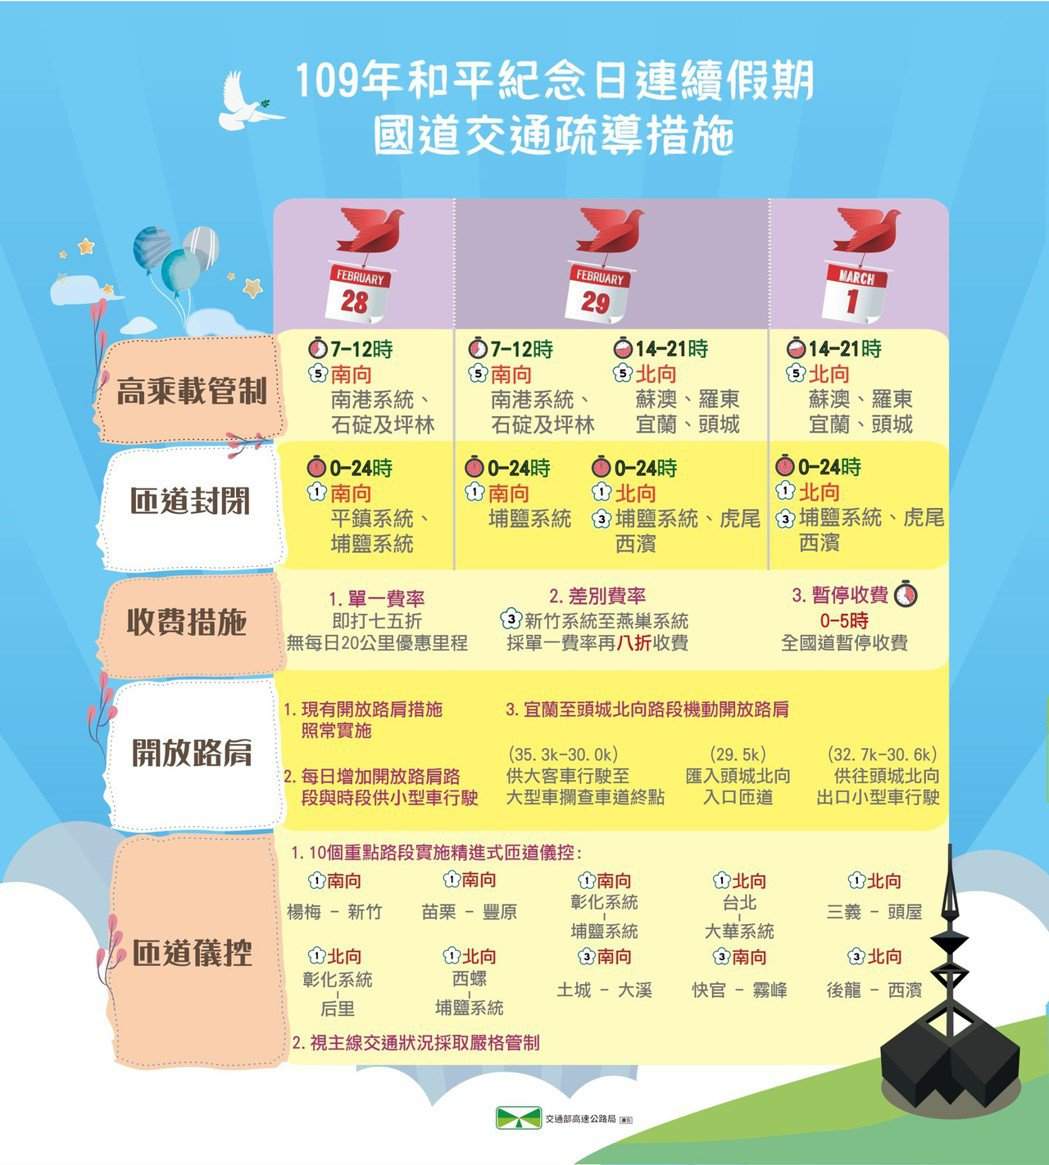 和平紀念日國道疏導措施一覽表。 圖/高公局提供